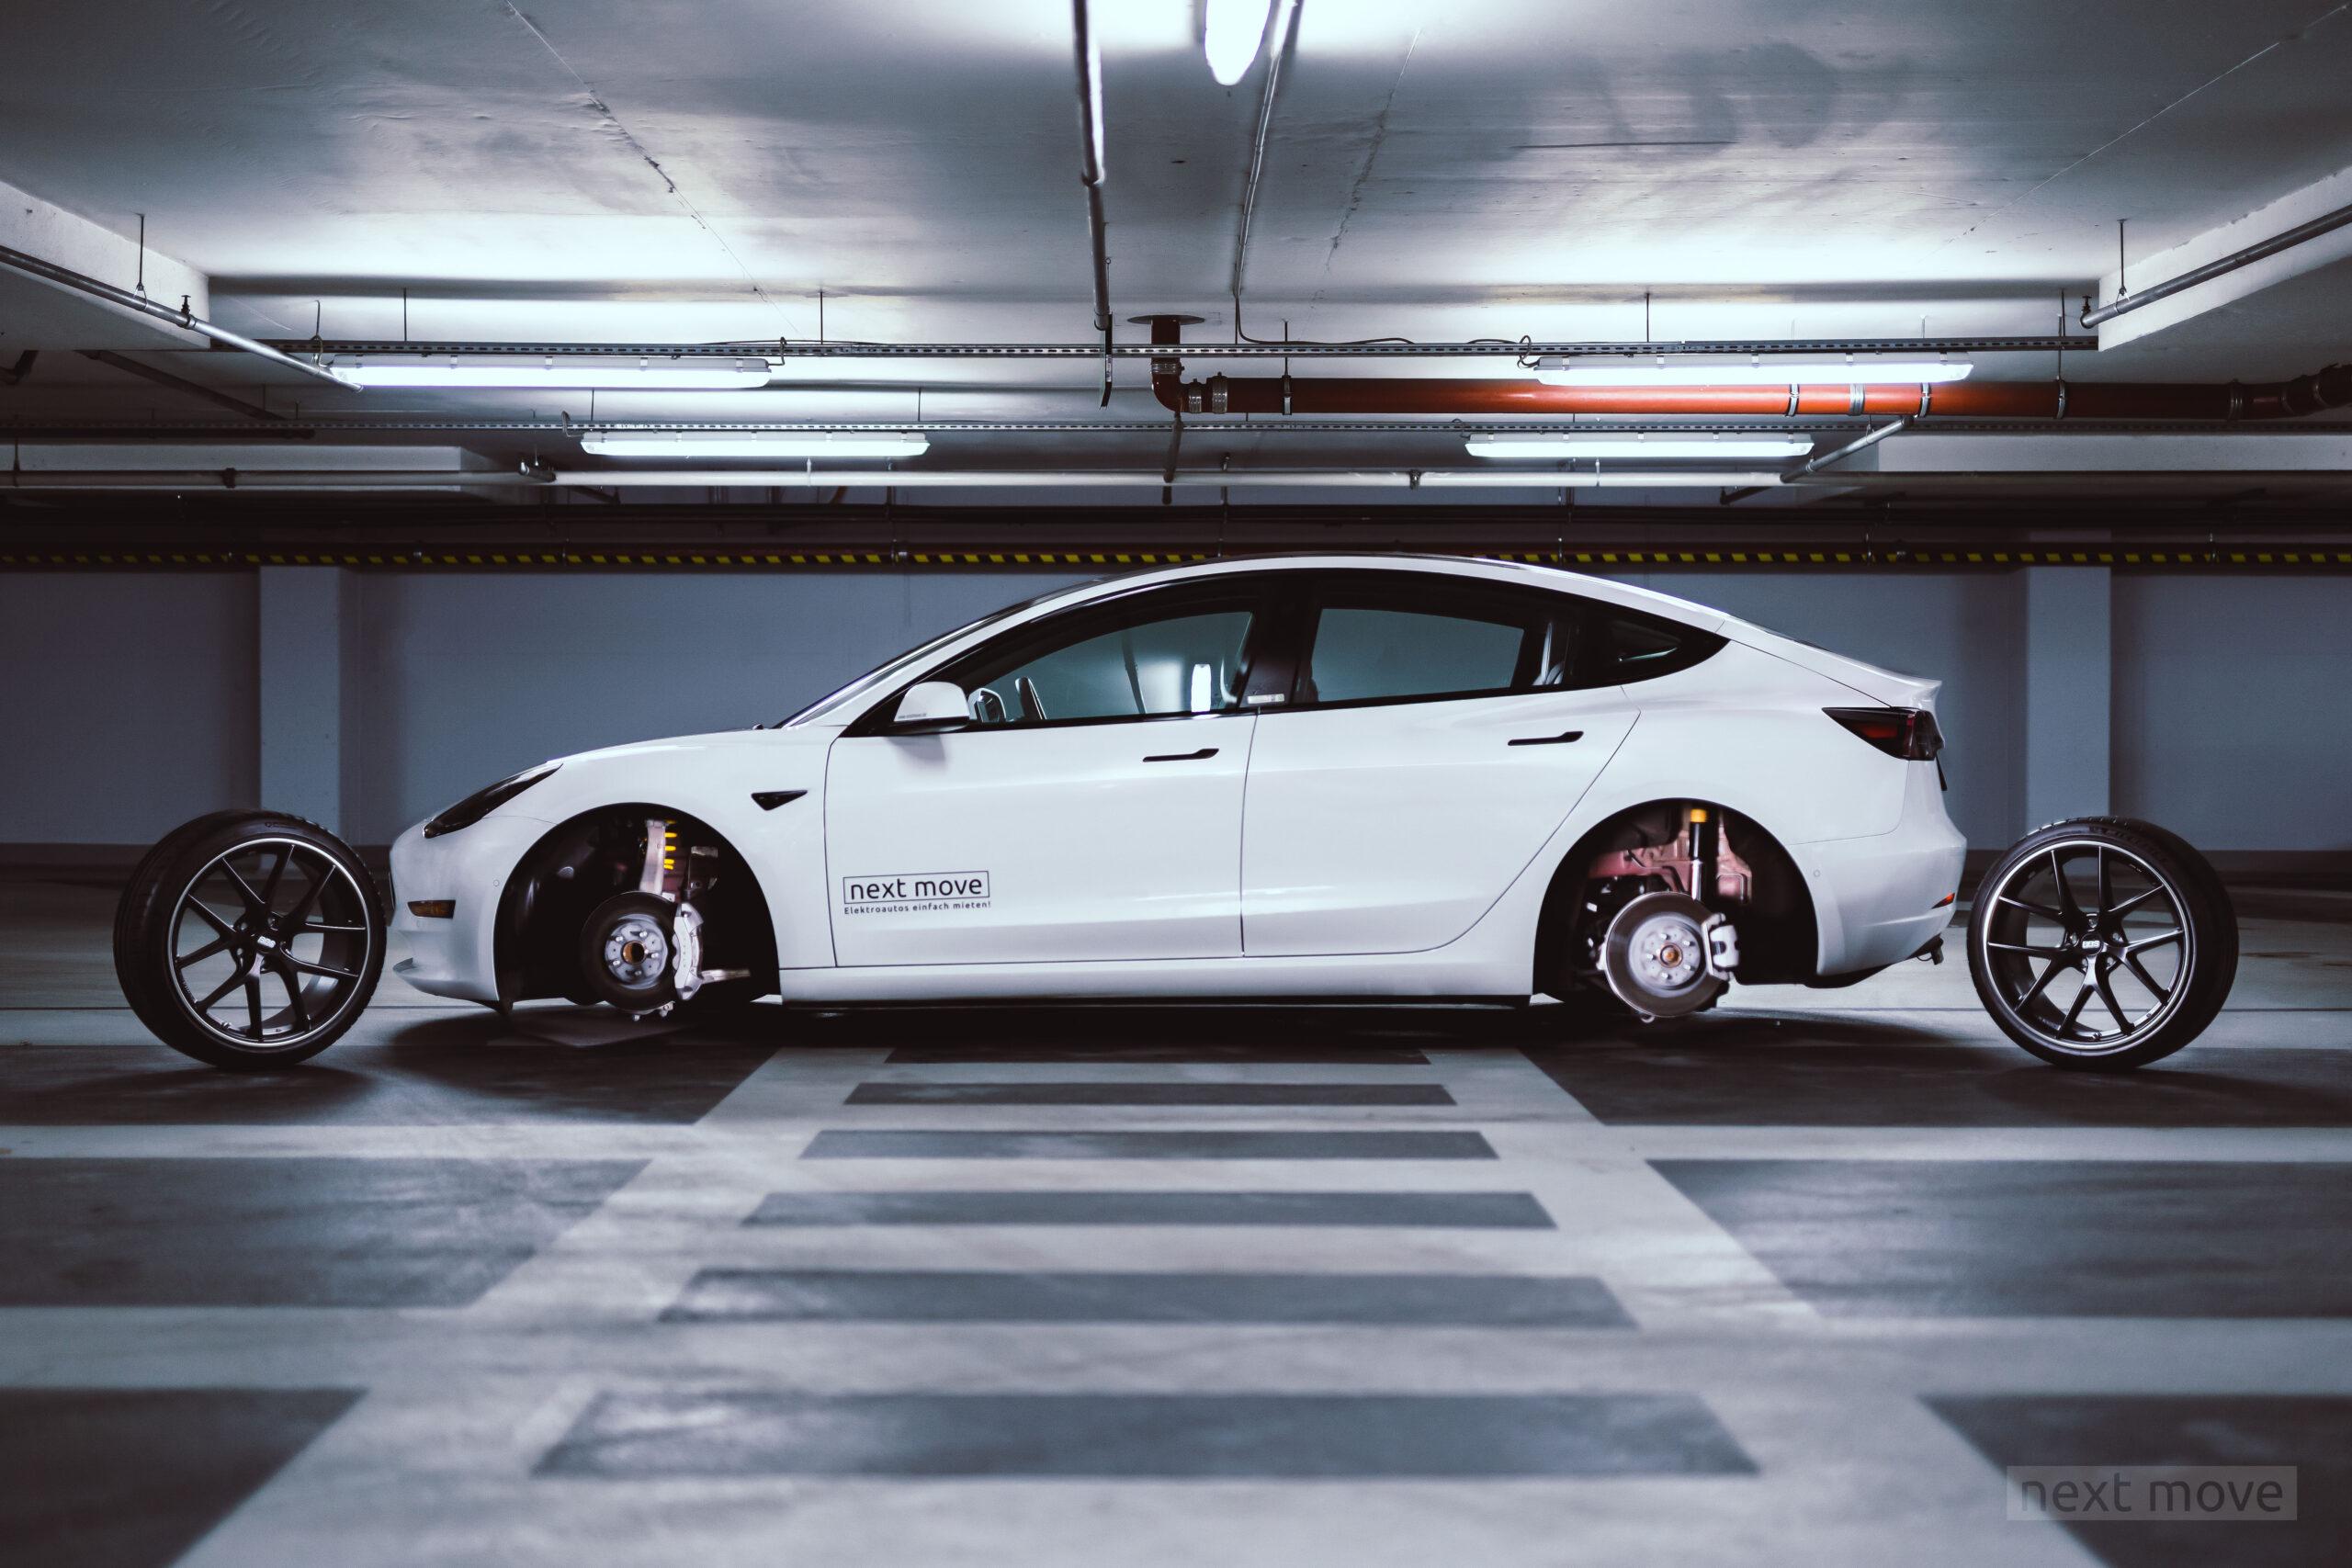 Getuntes Tesla Model 3 aus der nextmove-Flotte - Gesamtansicht